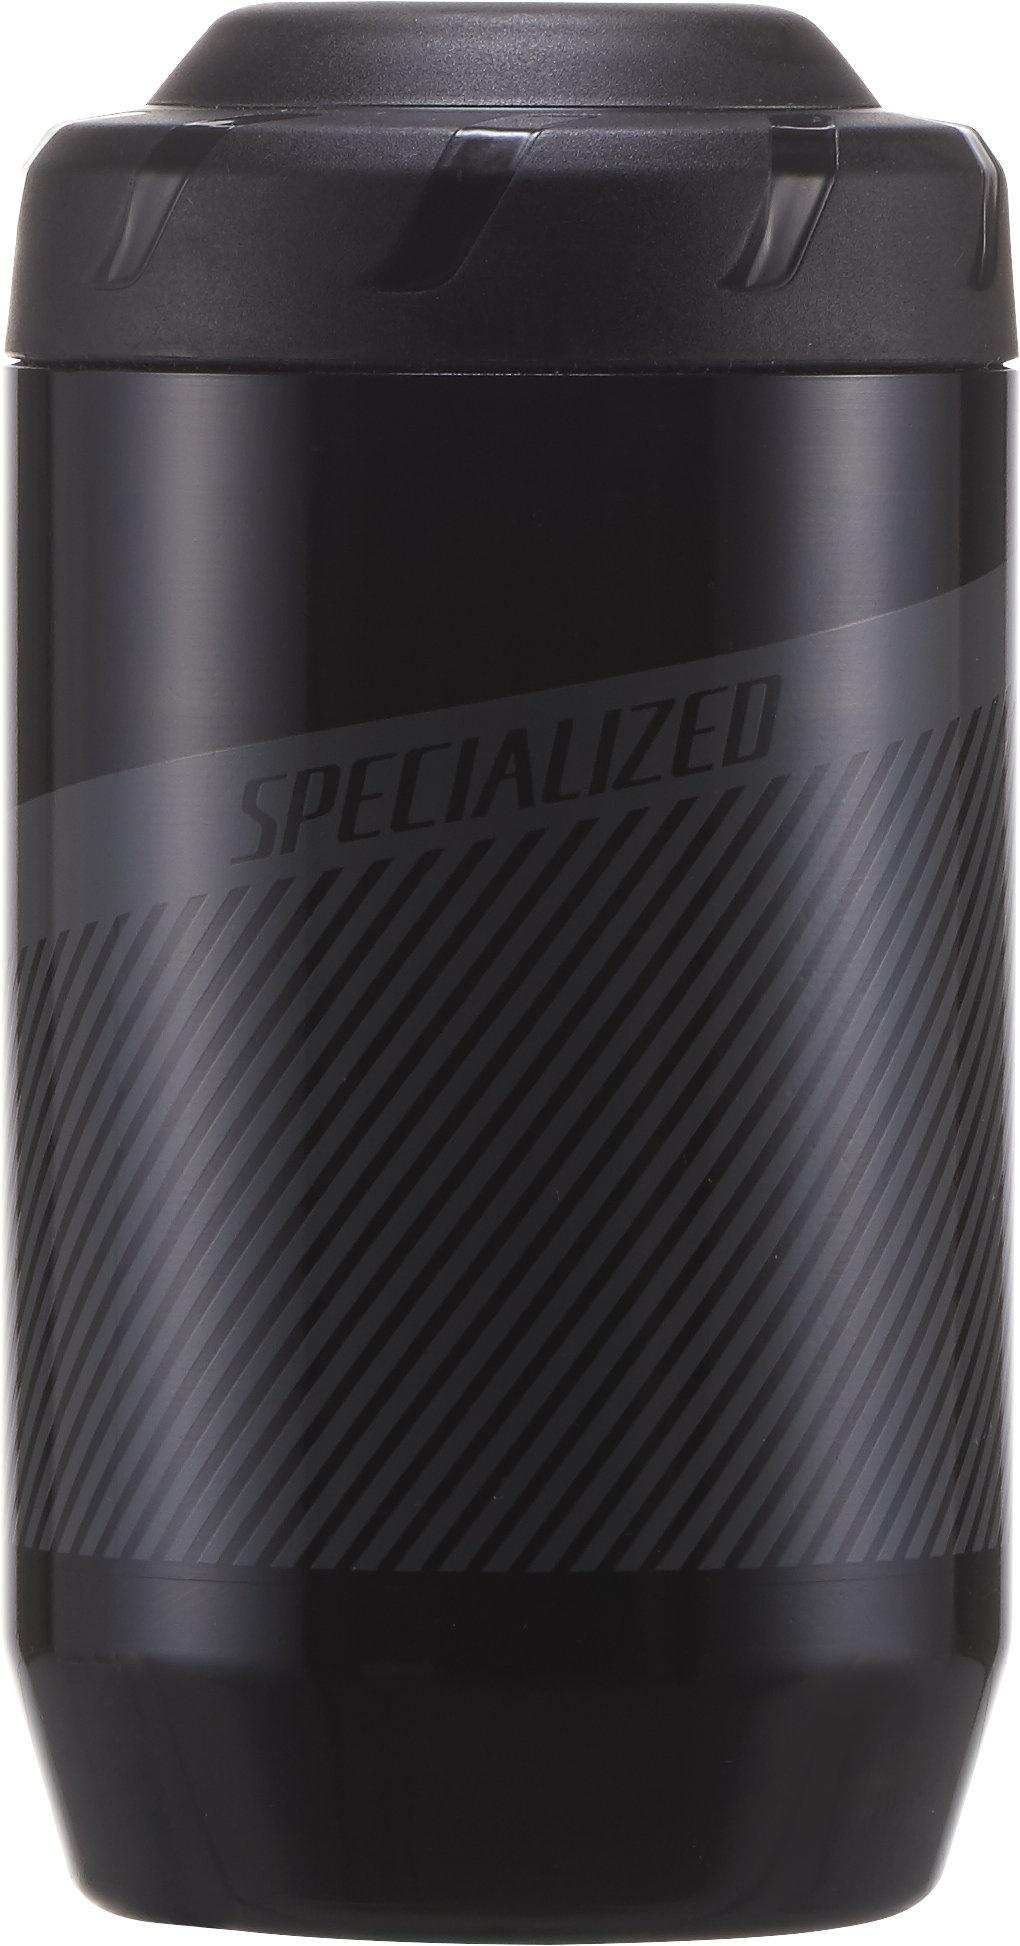 Køb Specialized KEG Storage Vessel / Værktøjsetui – Black